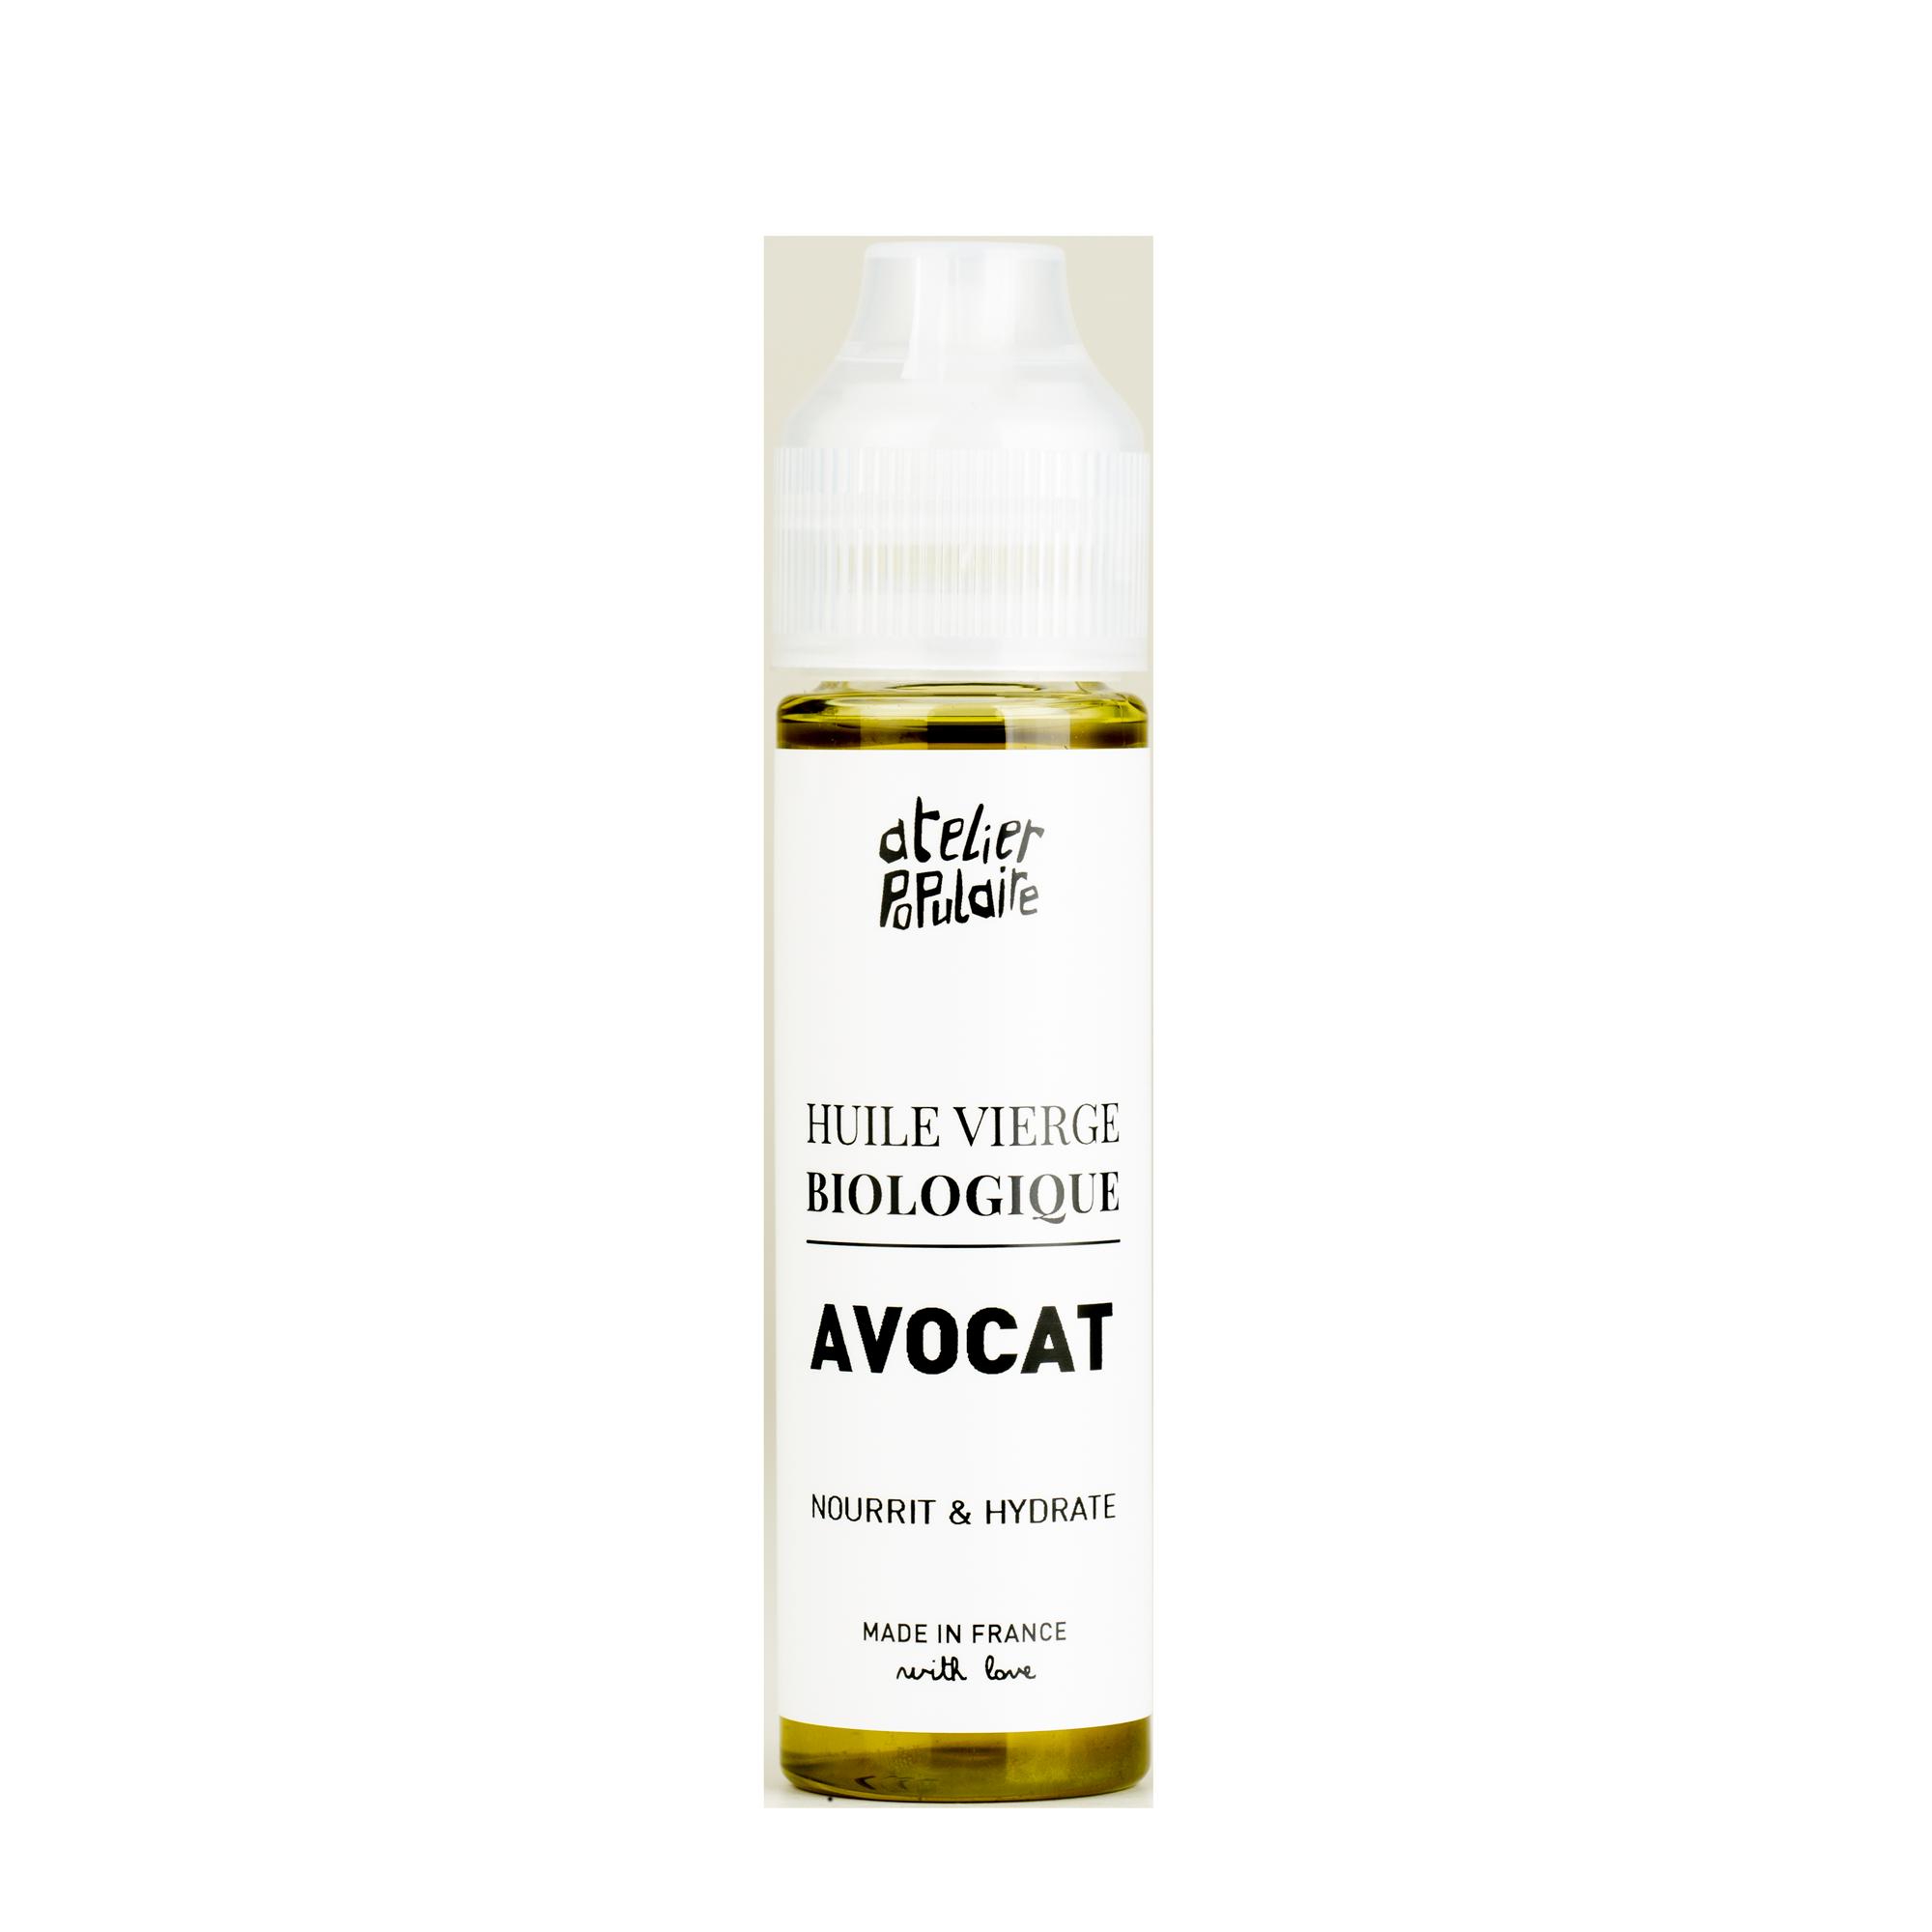 huile vierge biologique d'avocat - Atelier Populaire